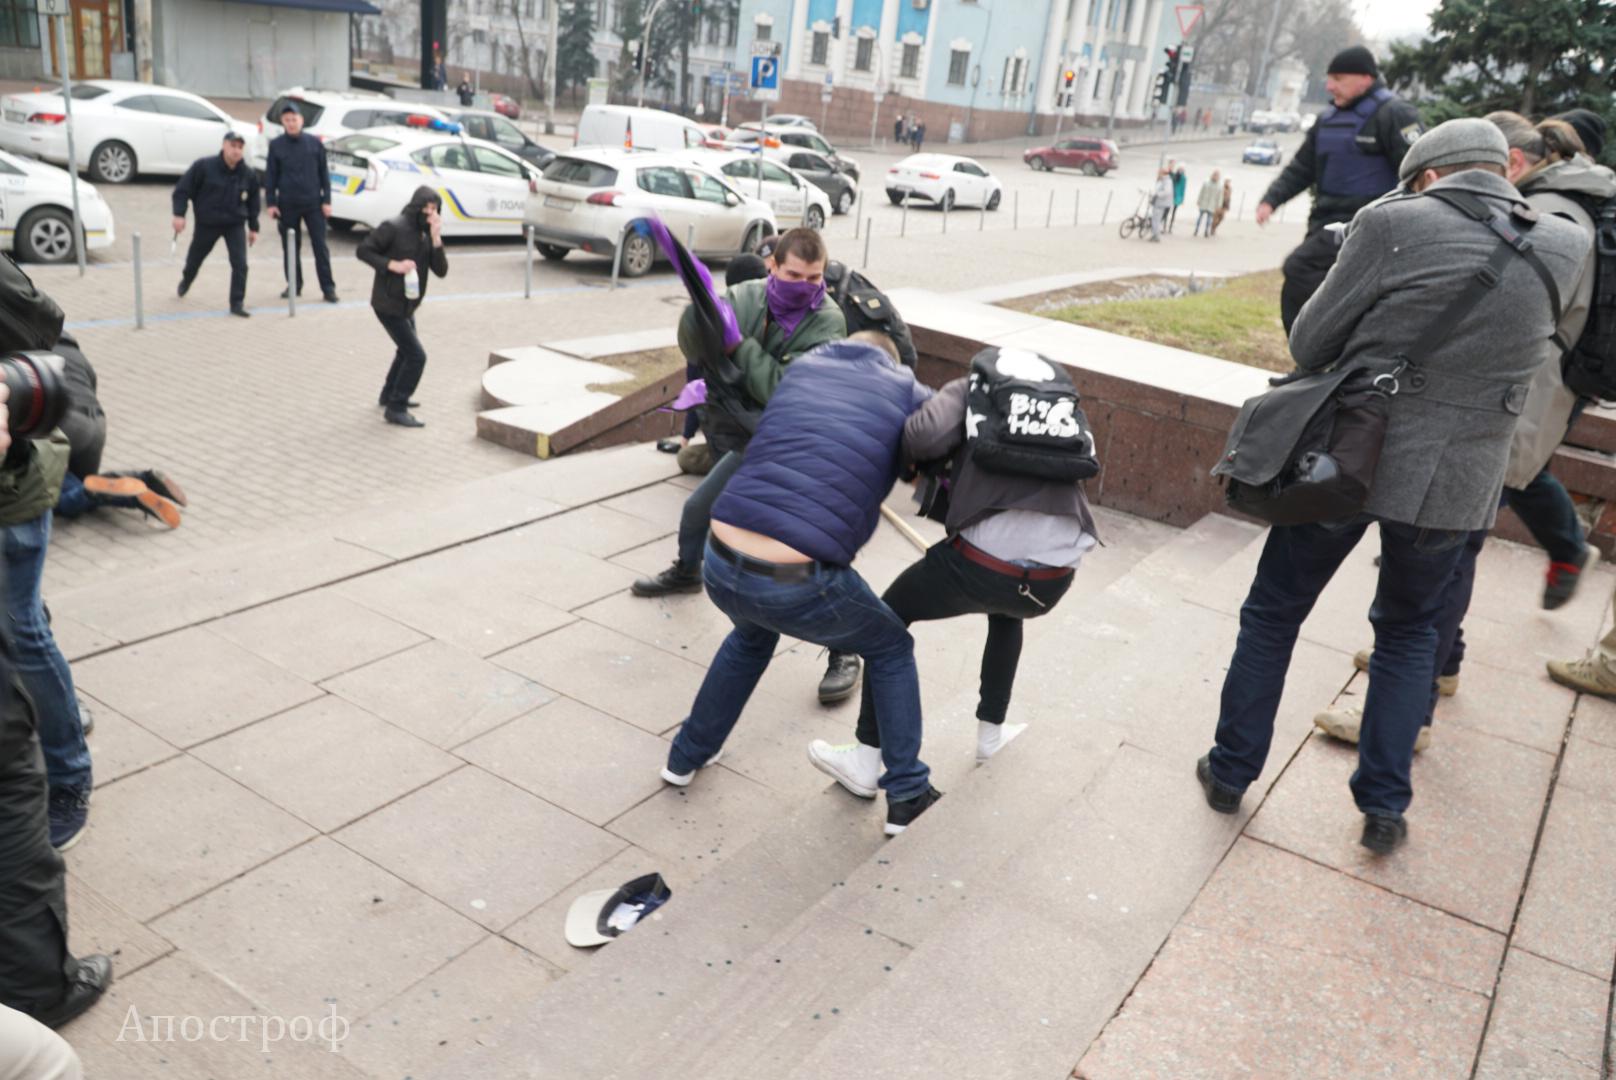 Феминистки прошлись маршем поцентру украинской столицы